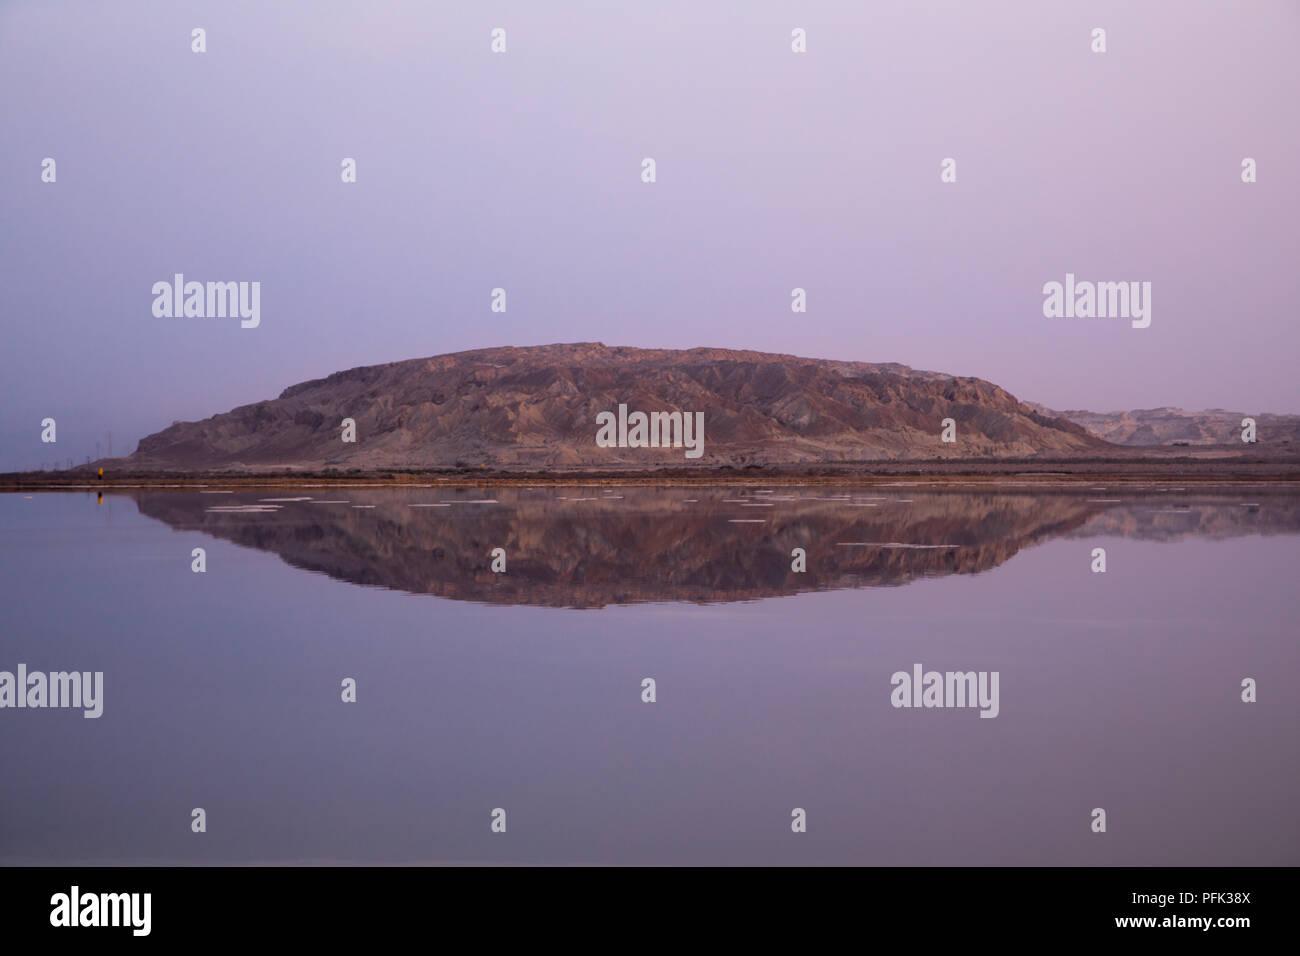 Gran Roca emergiendo del mar Muerto, la tranquila reflexión durante una rosa, Ein Bokek crepuscular, Israel Imagen De Stock